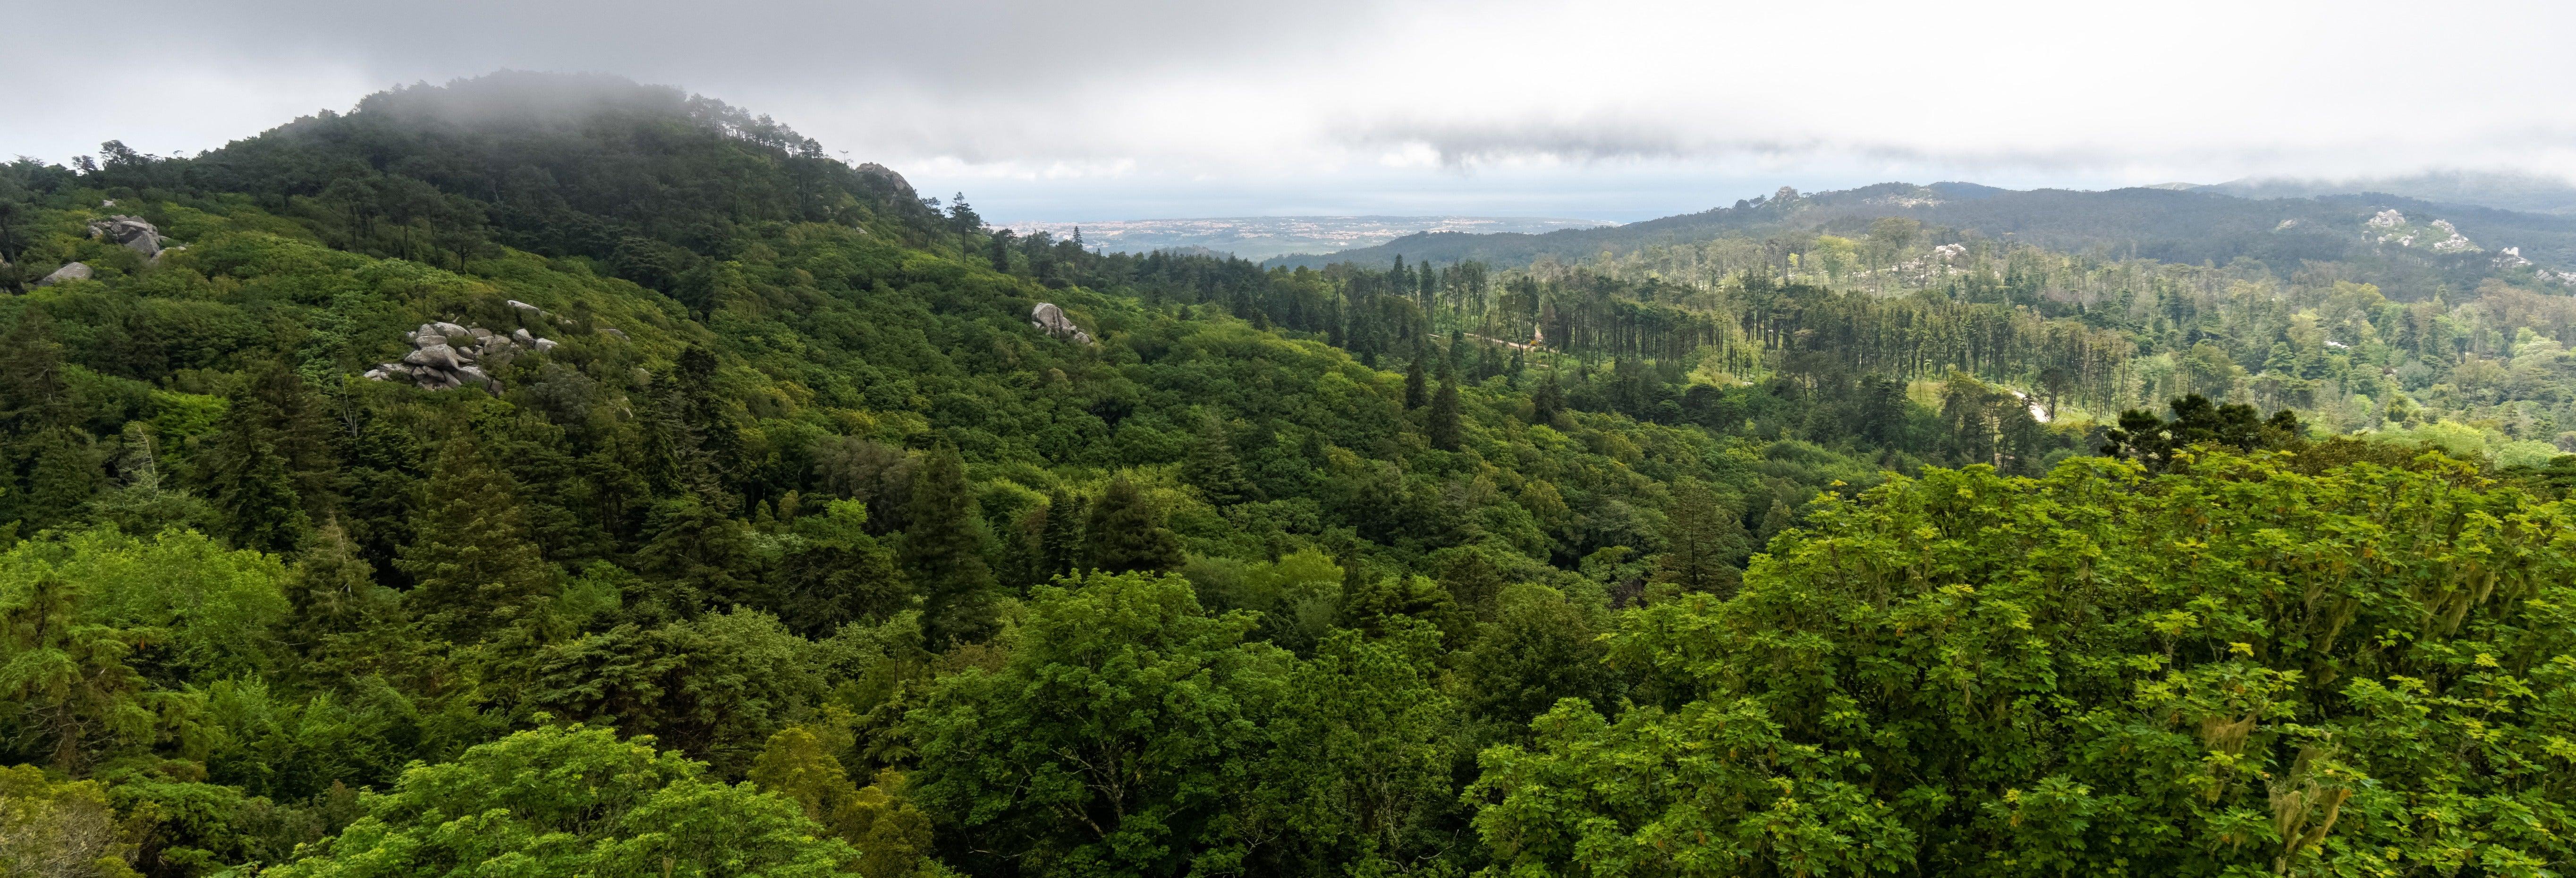 Trekking al Parco Naturale Sintra-Cascais